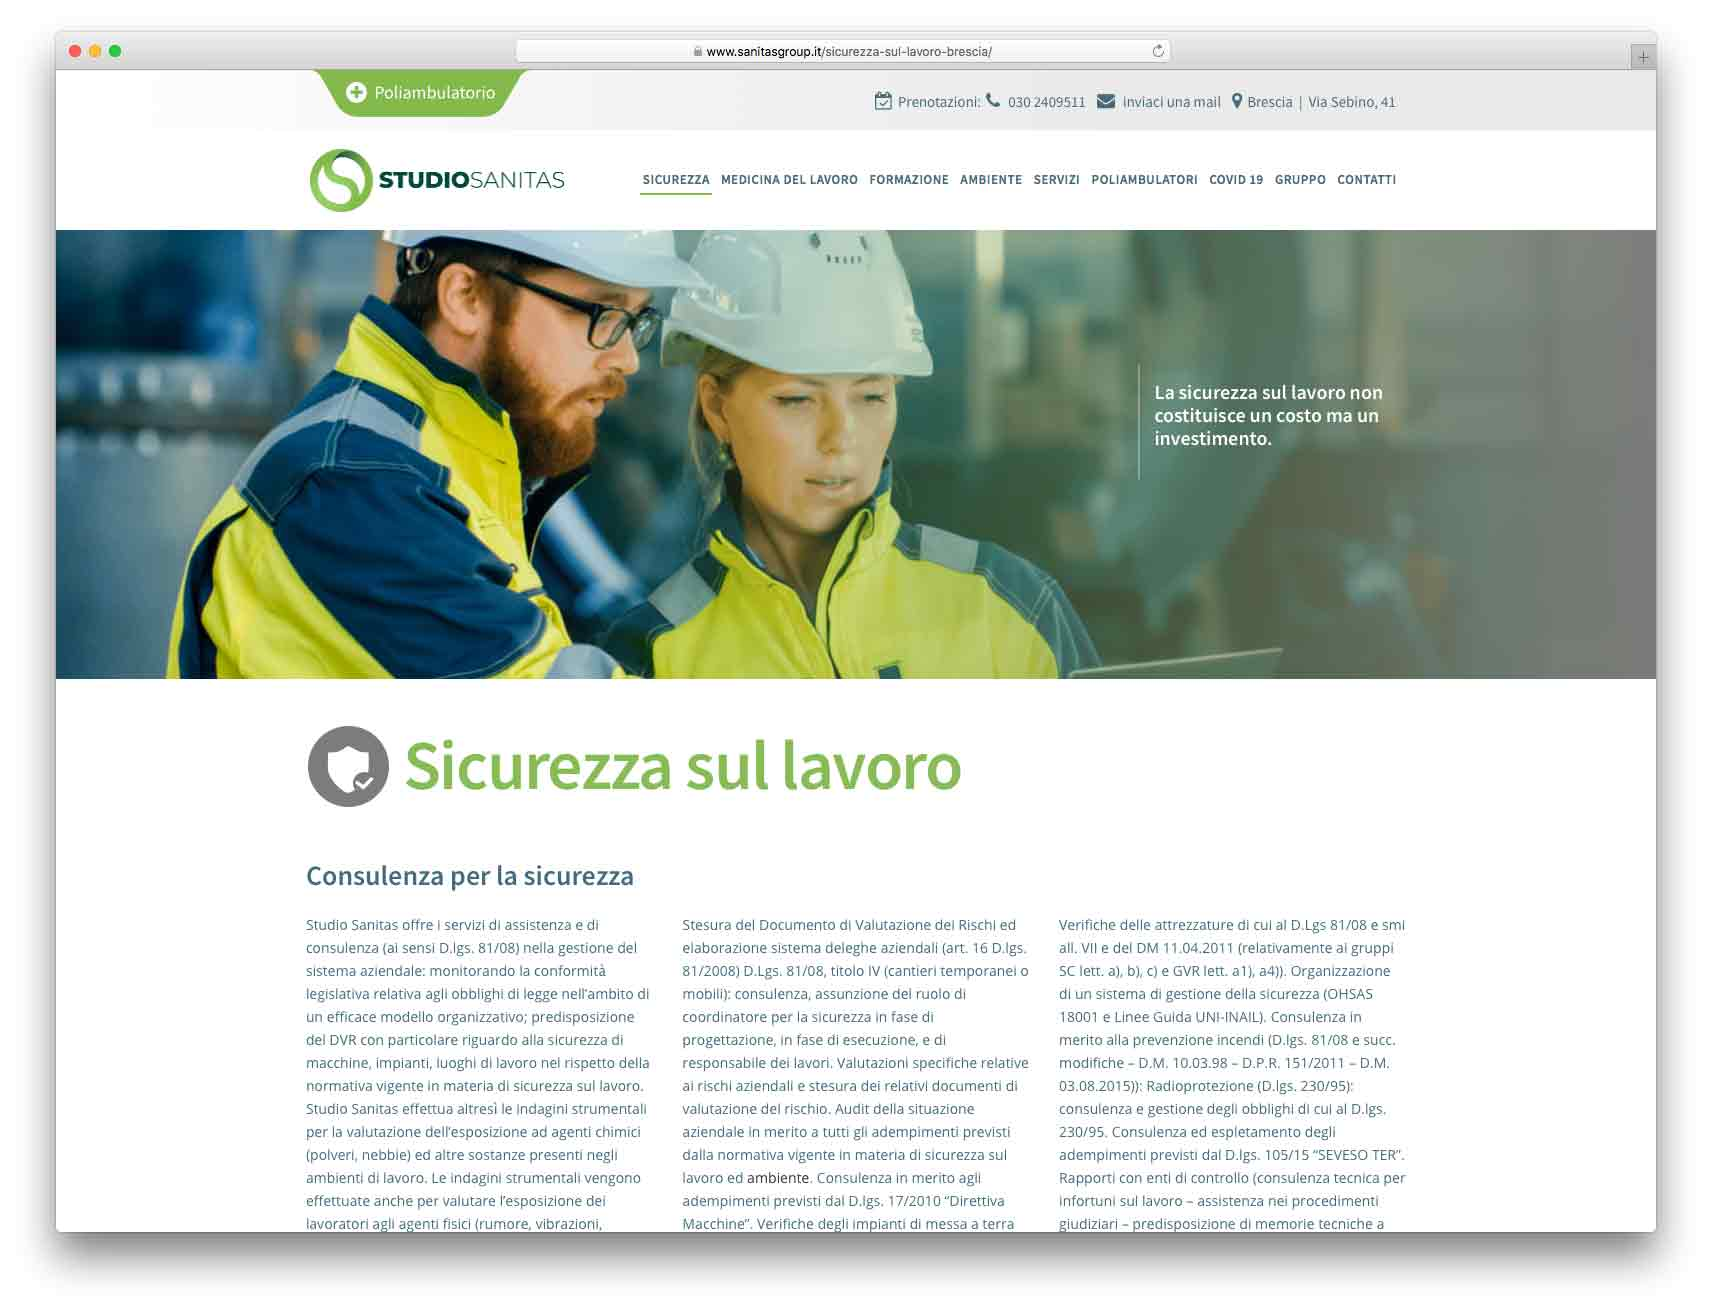 creazione siti web brescia - Agenzia P - sito web Gruppo Sanitas